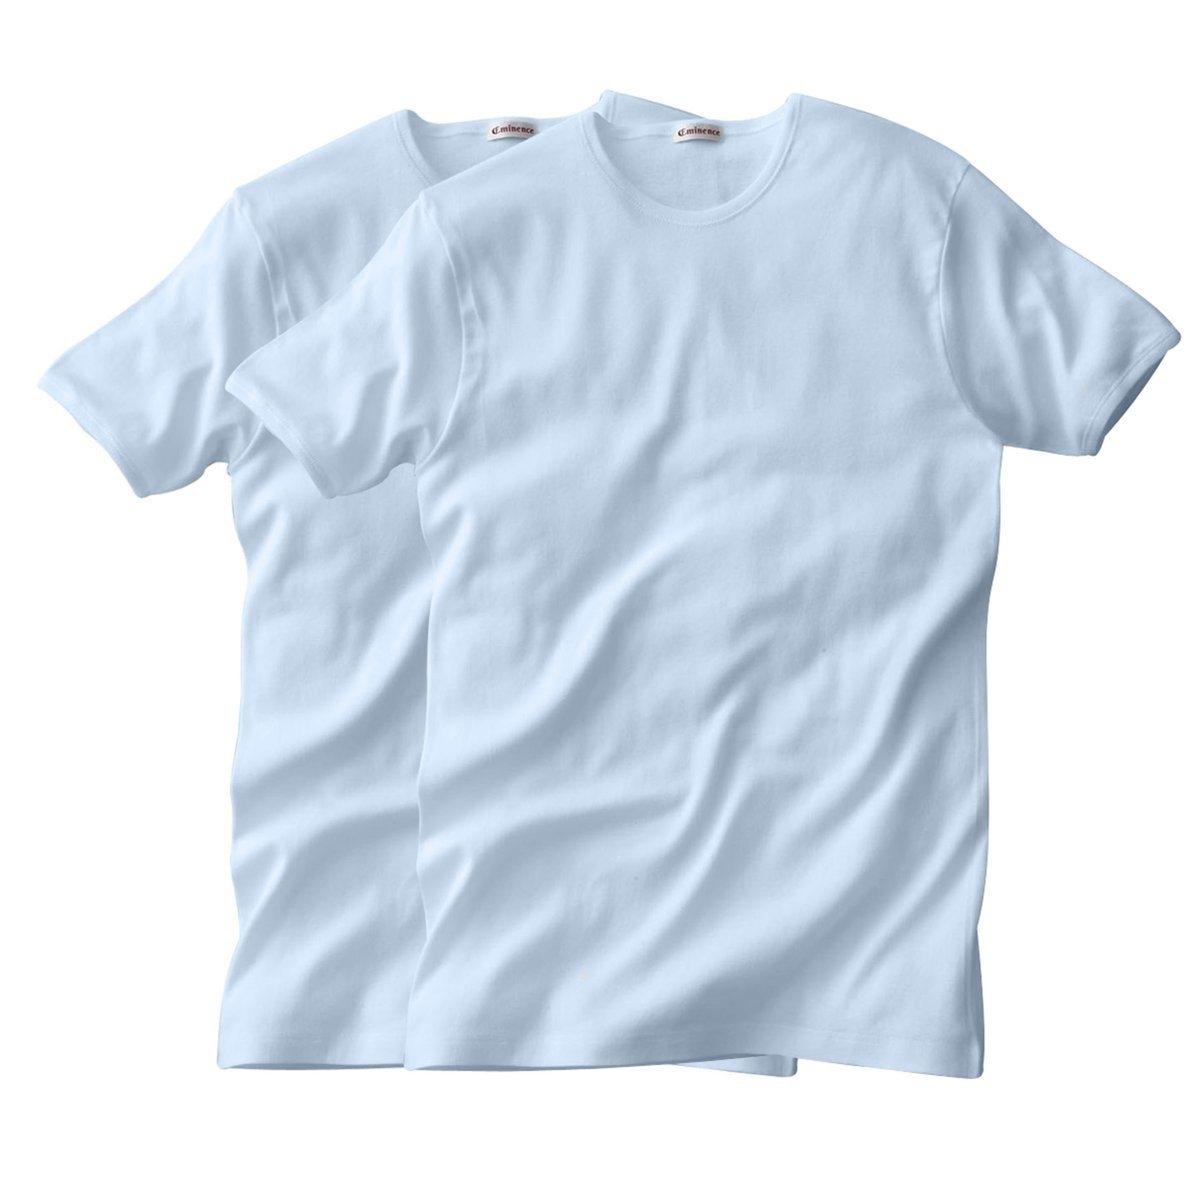 Футболка EMINENCE с круглым вырезом и короткими рукавами (2 шт.)Футболка EMINENCE с круглым вырезом и короткими рукавами из трикотажа в тонкий рубчик, 100% гипоаллергенный хлопок: приятный материал, минимальный риск возникновения аллергии. Круглый вырез. Короткие рукава. Удобная модель! Края связаны в рубчик.     В комплекте 2 футболки одного цвета.<br><br>Цвет: белый